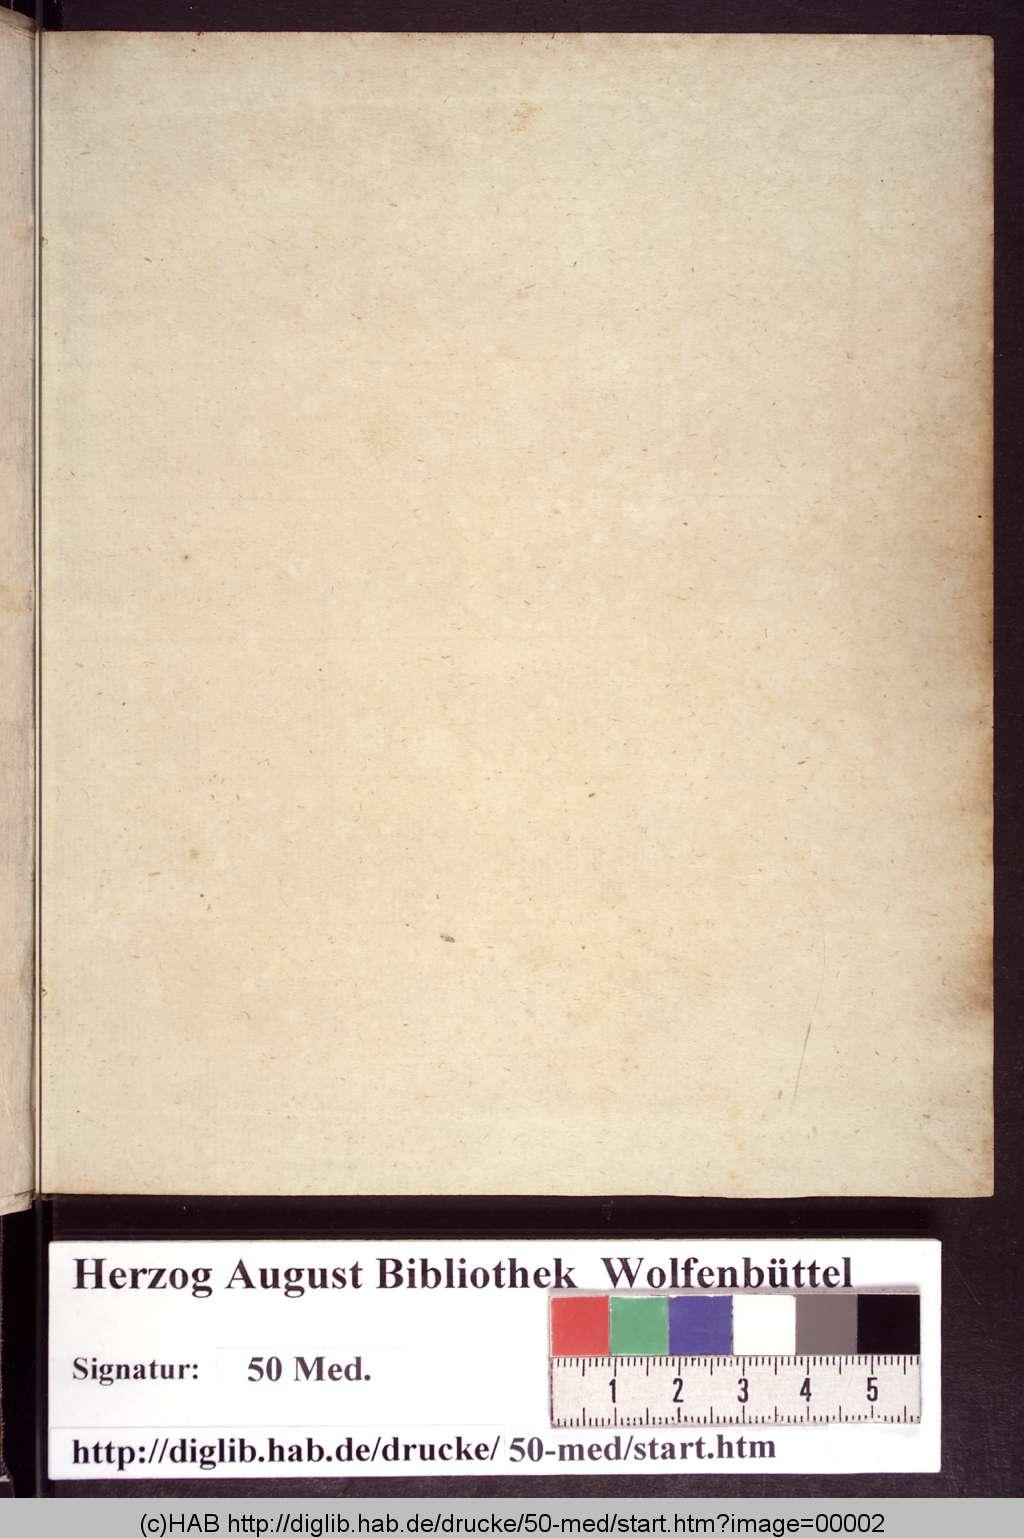 http://diglib.hab.de/drucke/50-med/00002.jpg